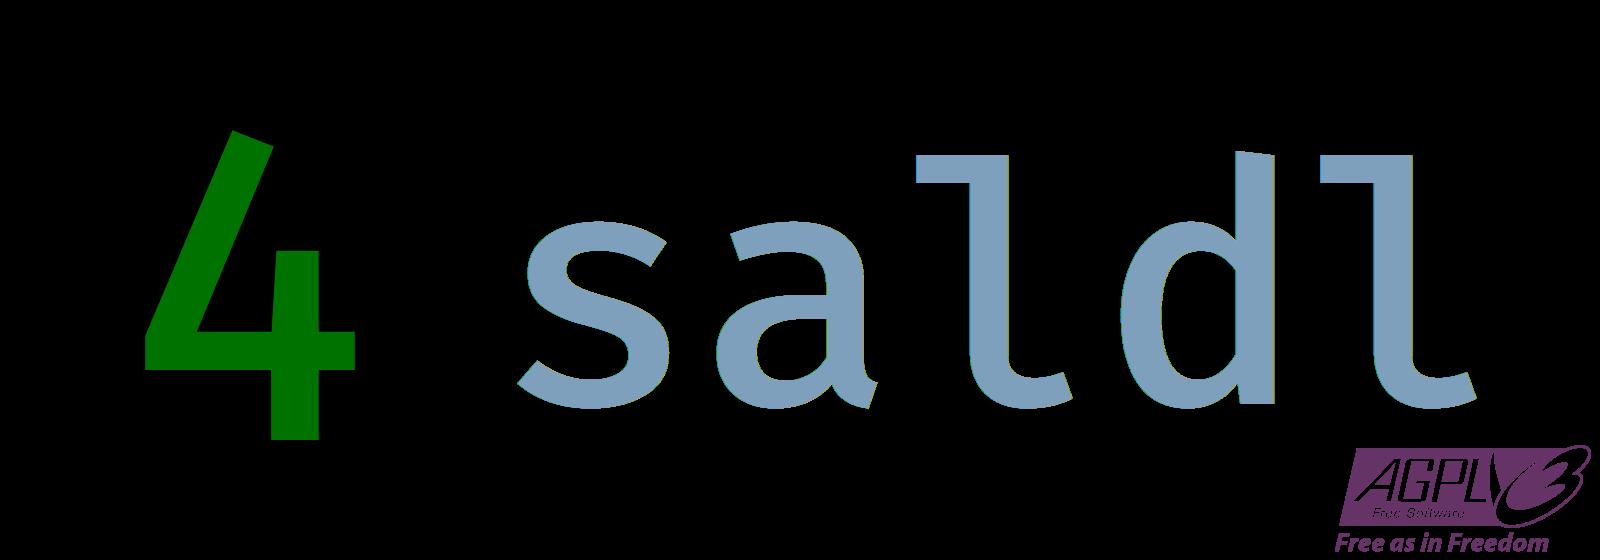 saldl banner